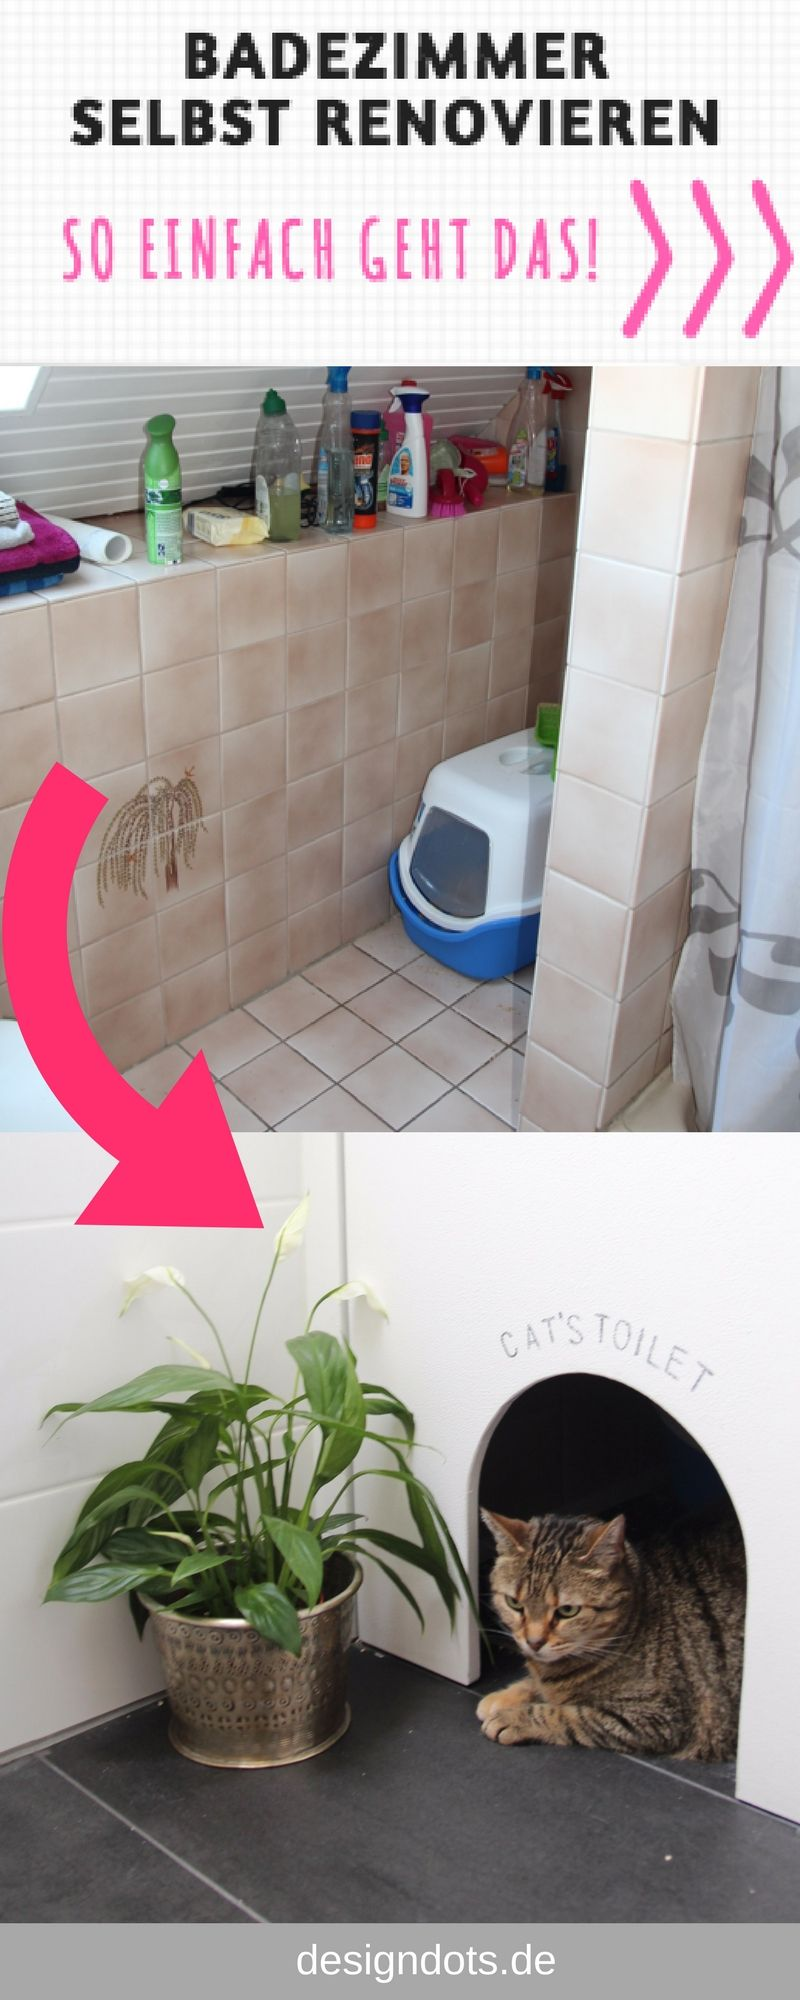 Badezimmer selbst renovieren: vorher/nachher | Design Dots ...